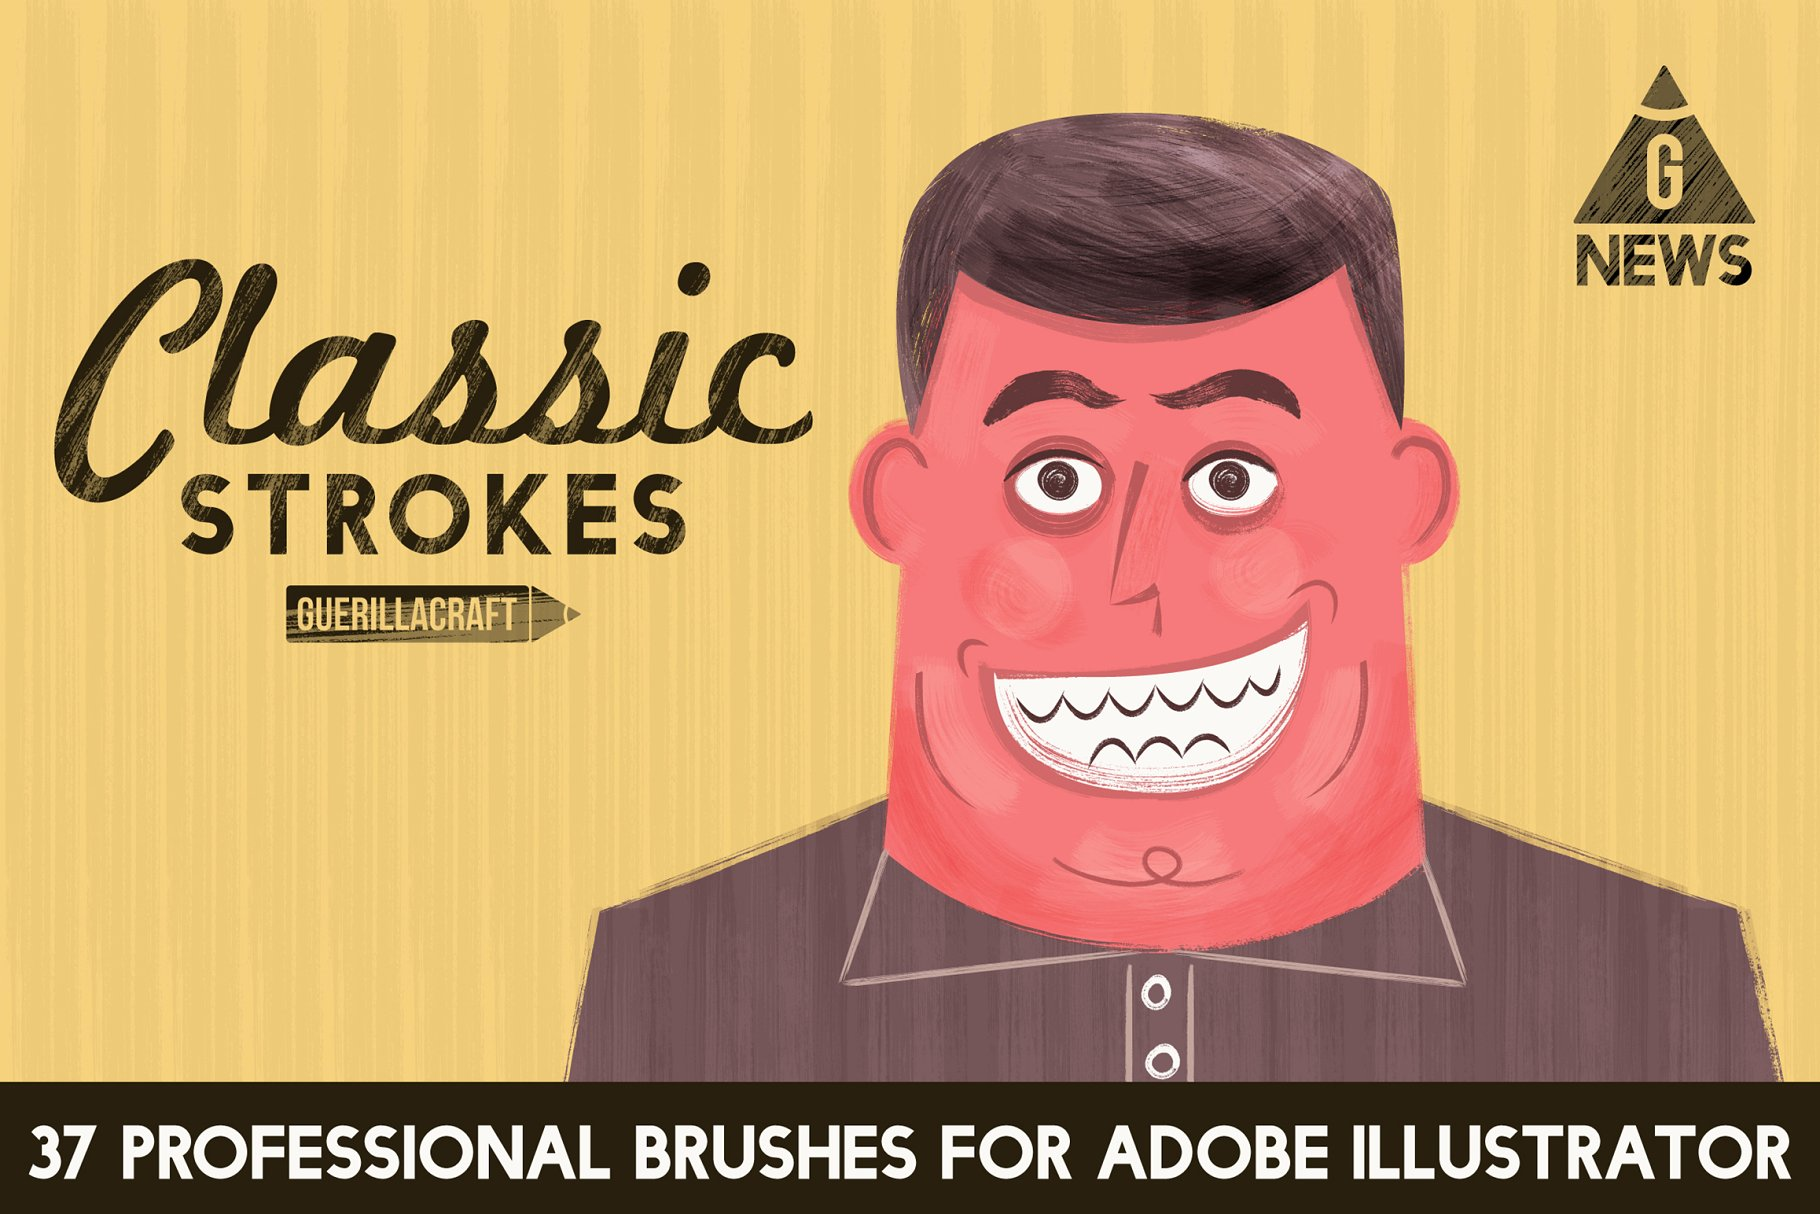 经典描边笔刷插画 Classic Strokes by Guerillacraft设计素材模板